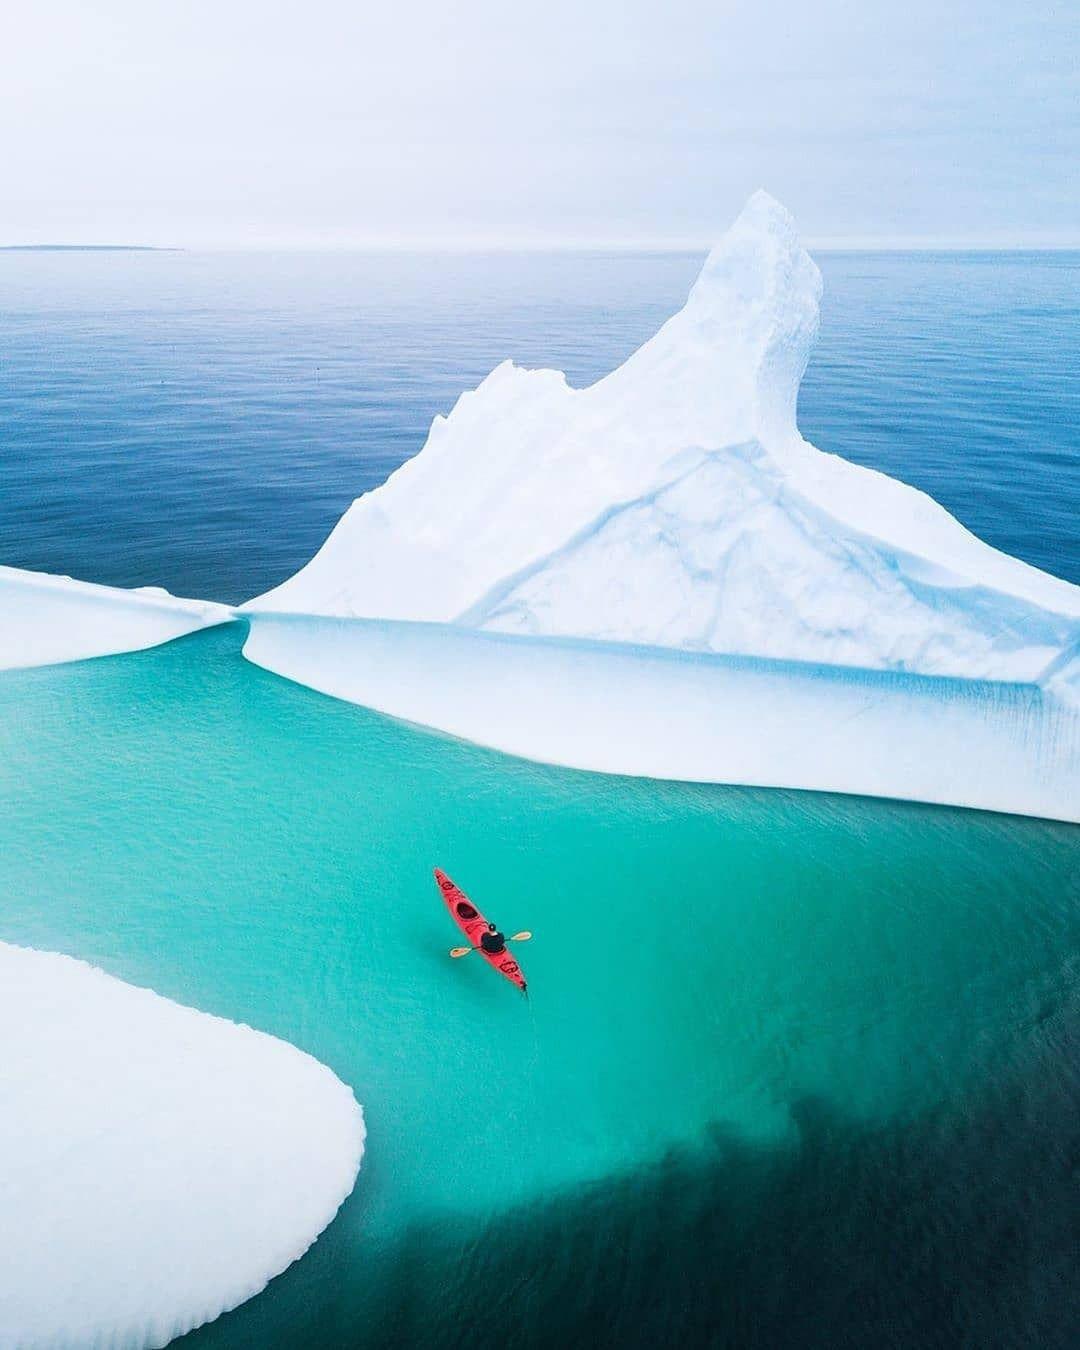 Newfoundland and labrador kayaking around a giant iceberg